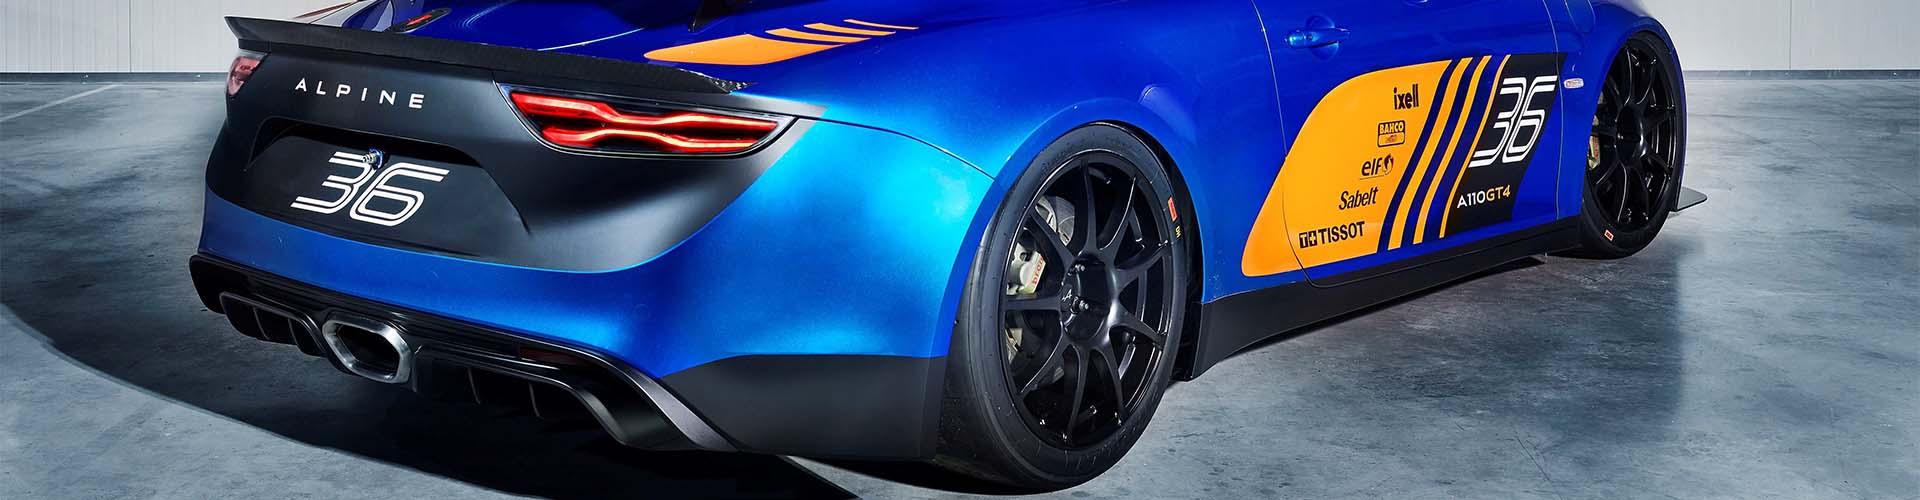 Alpine A110 GT4 hinten